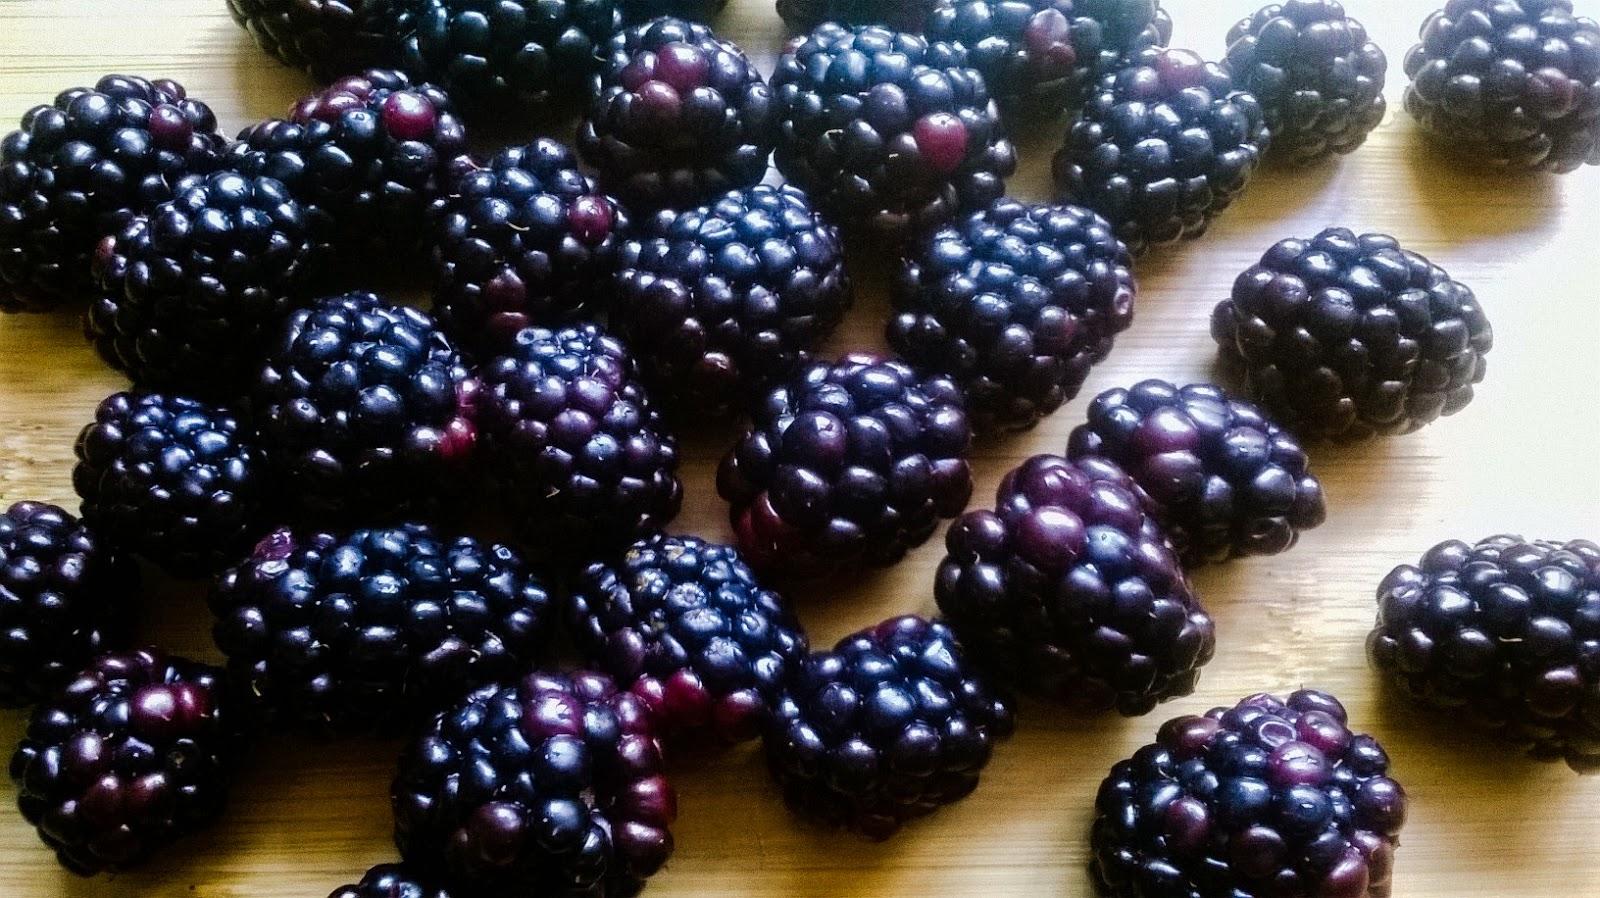 Blackberry Crum Cake {Rosca de Zarzamora con Crumble} | Bruni's Boulangerie